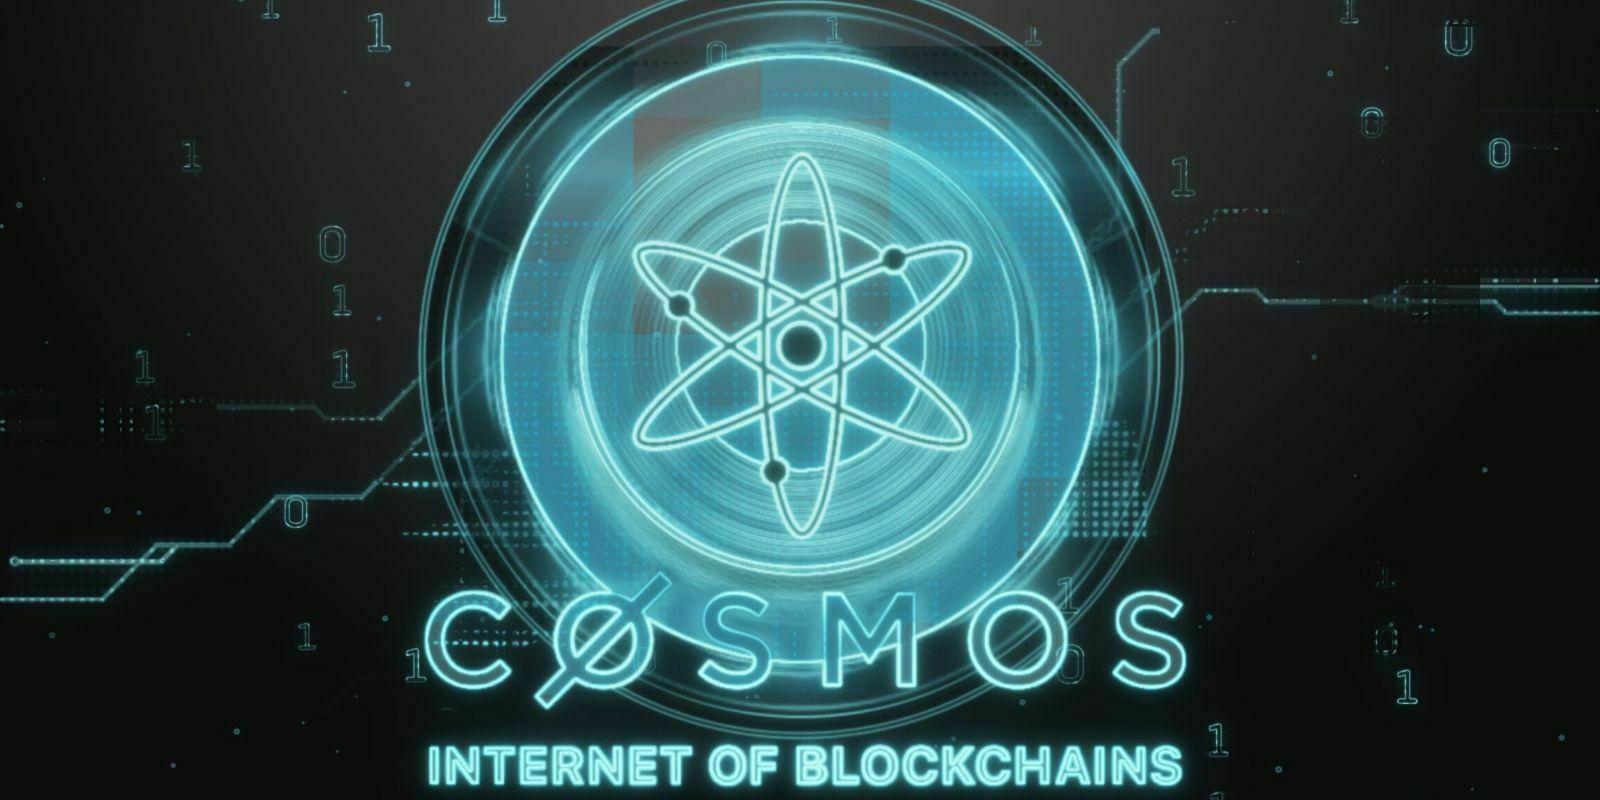 Le réseau Cosmos (ATOM) bientôt anonyme grâce à Zcash ?